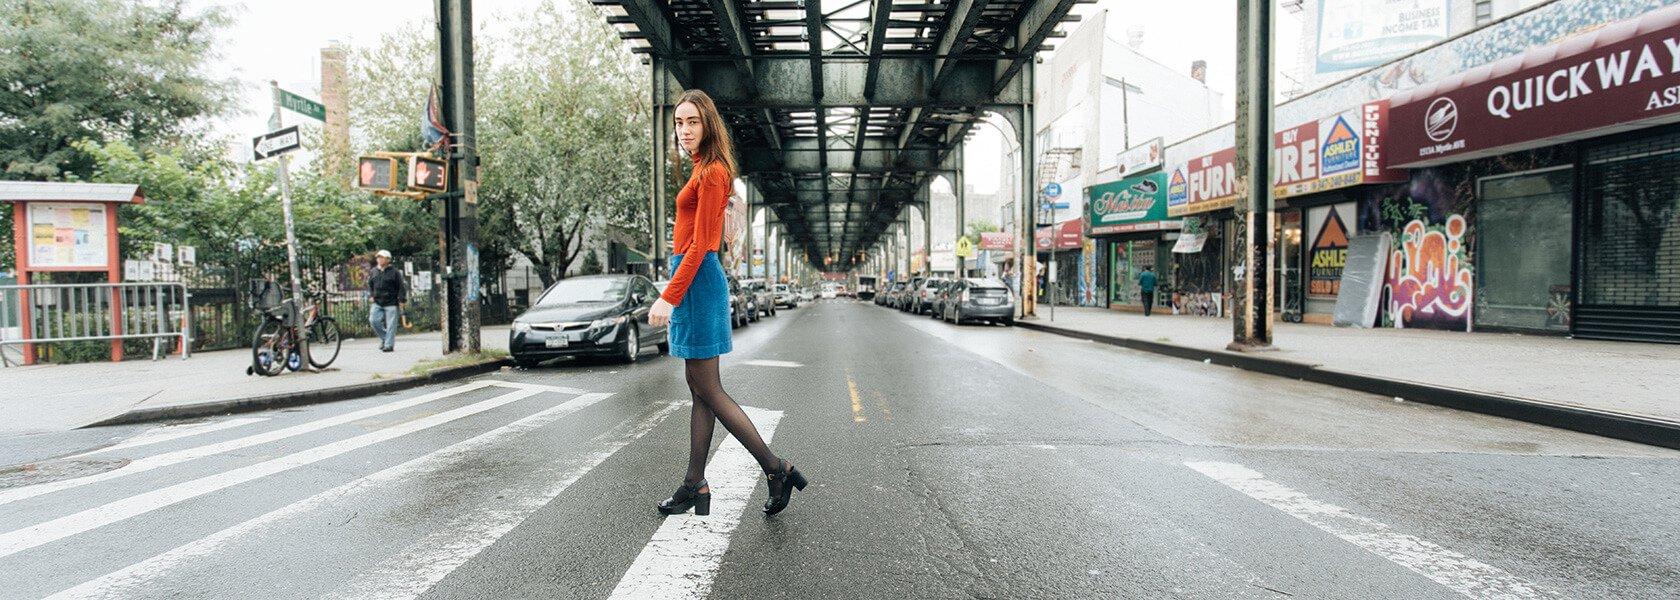 Frau steht auf einer Straße in New York